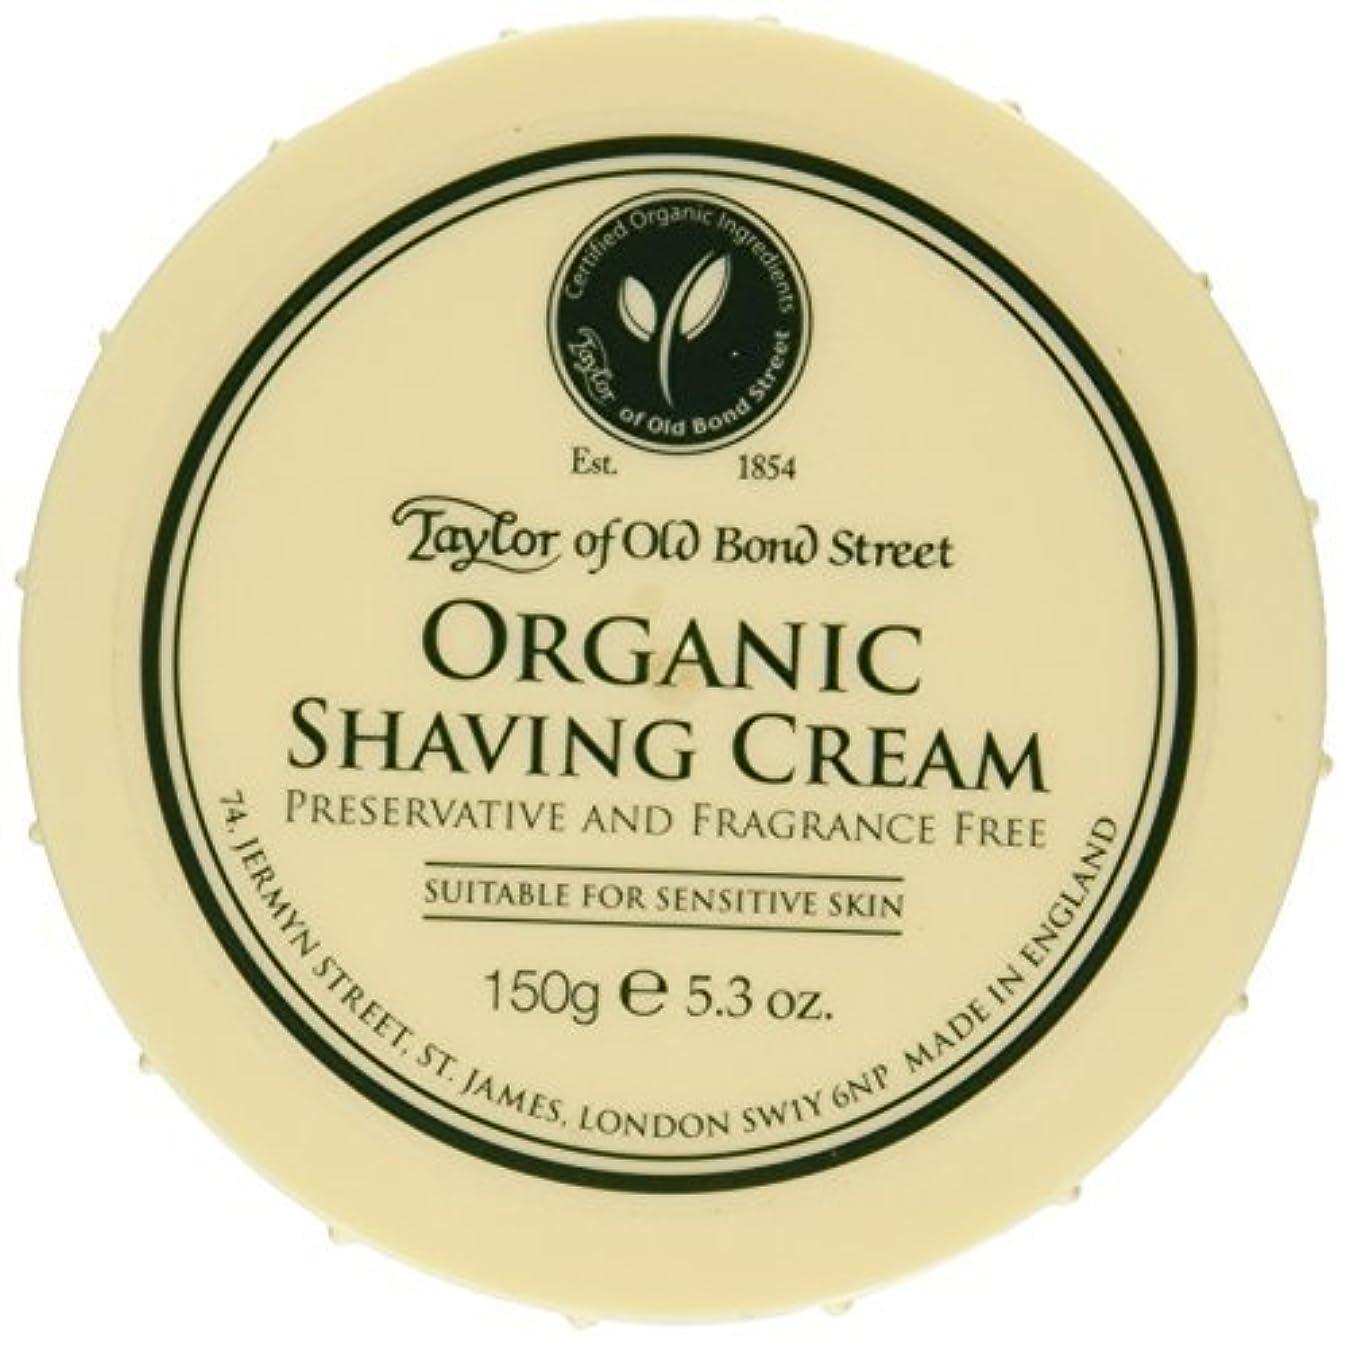 効果的拘束する刺繍Taylor of Old Bond Street Organic Shaving Cream Bowl 150 g by Taylor of Old Bond Street [並行輸入品]